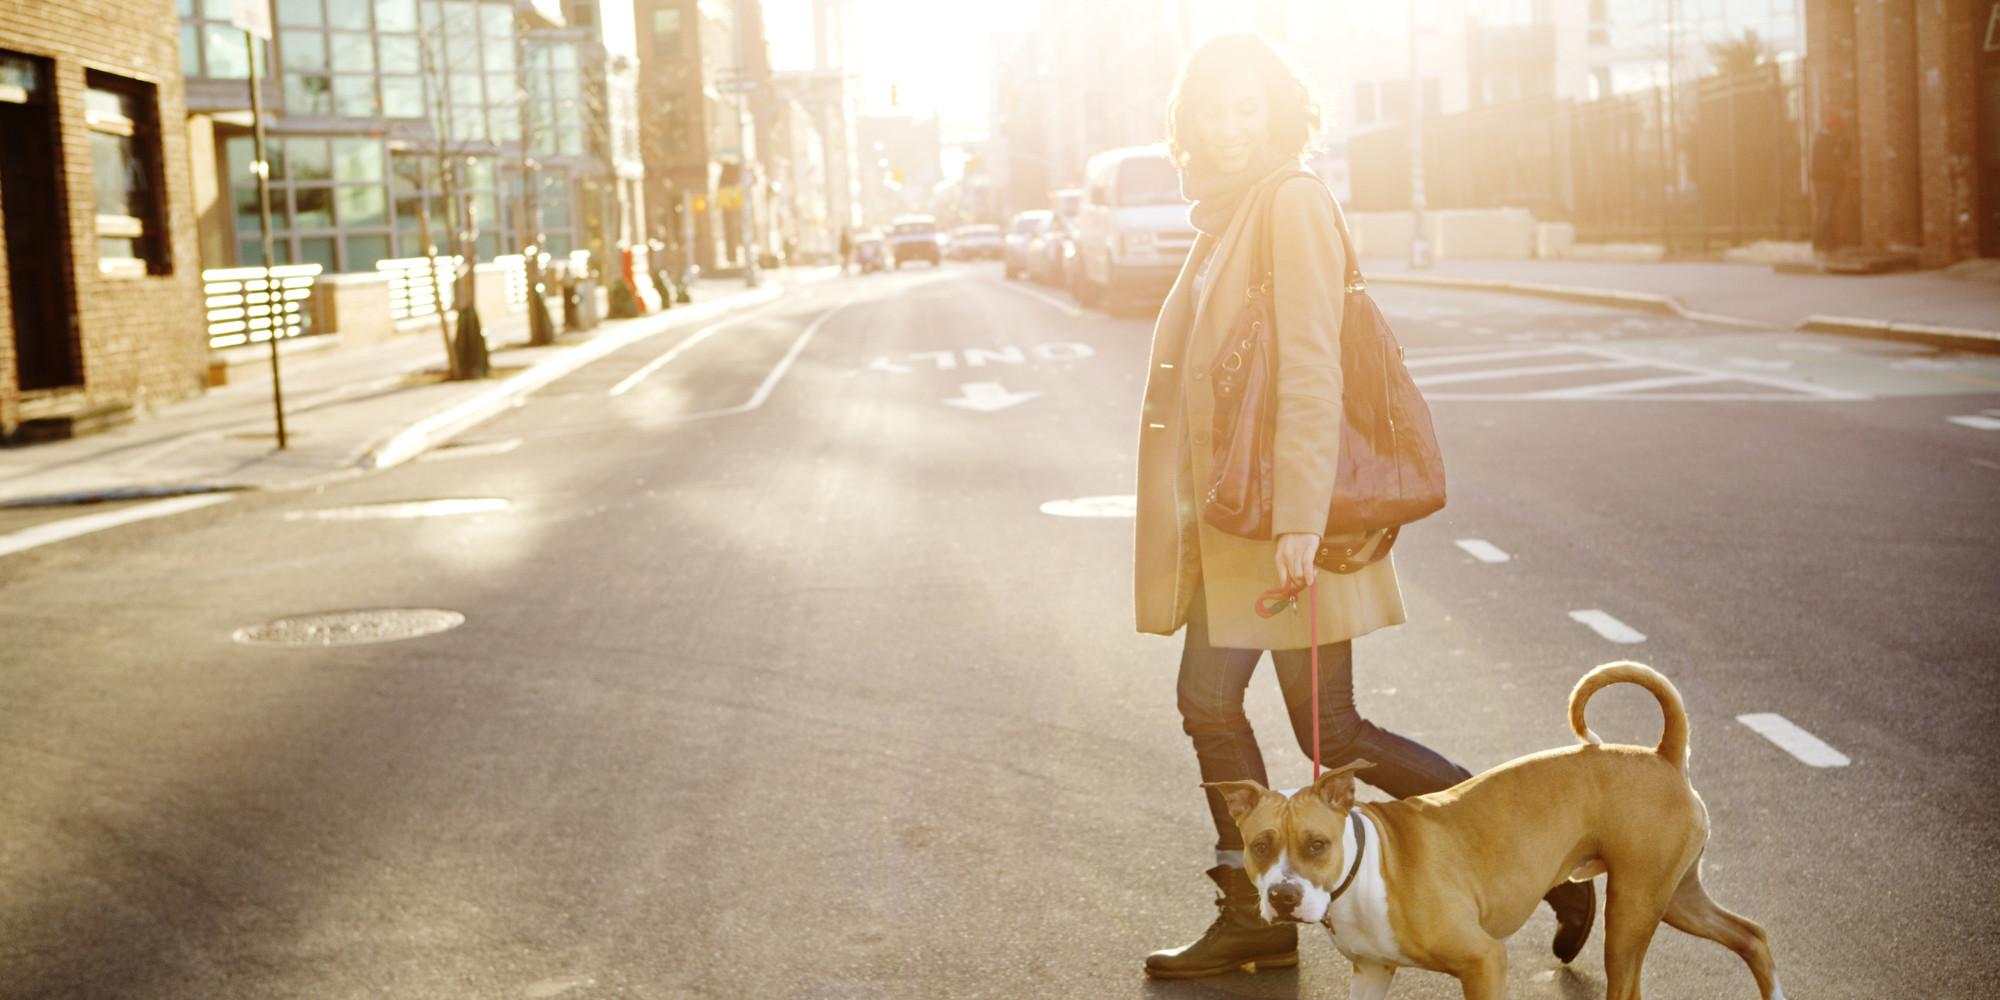 o-walking-dog-facebook.jpg